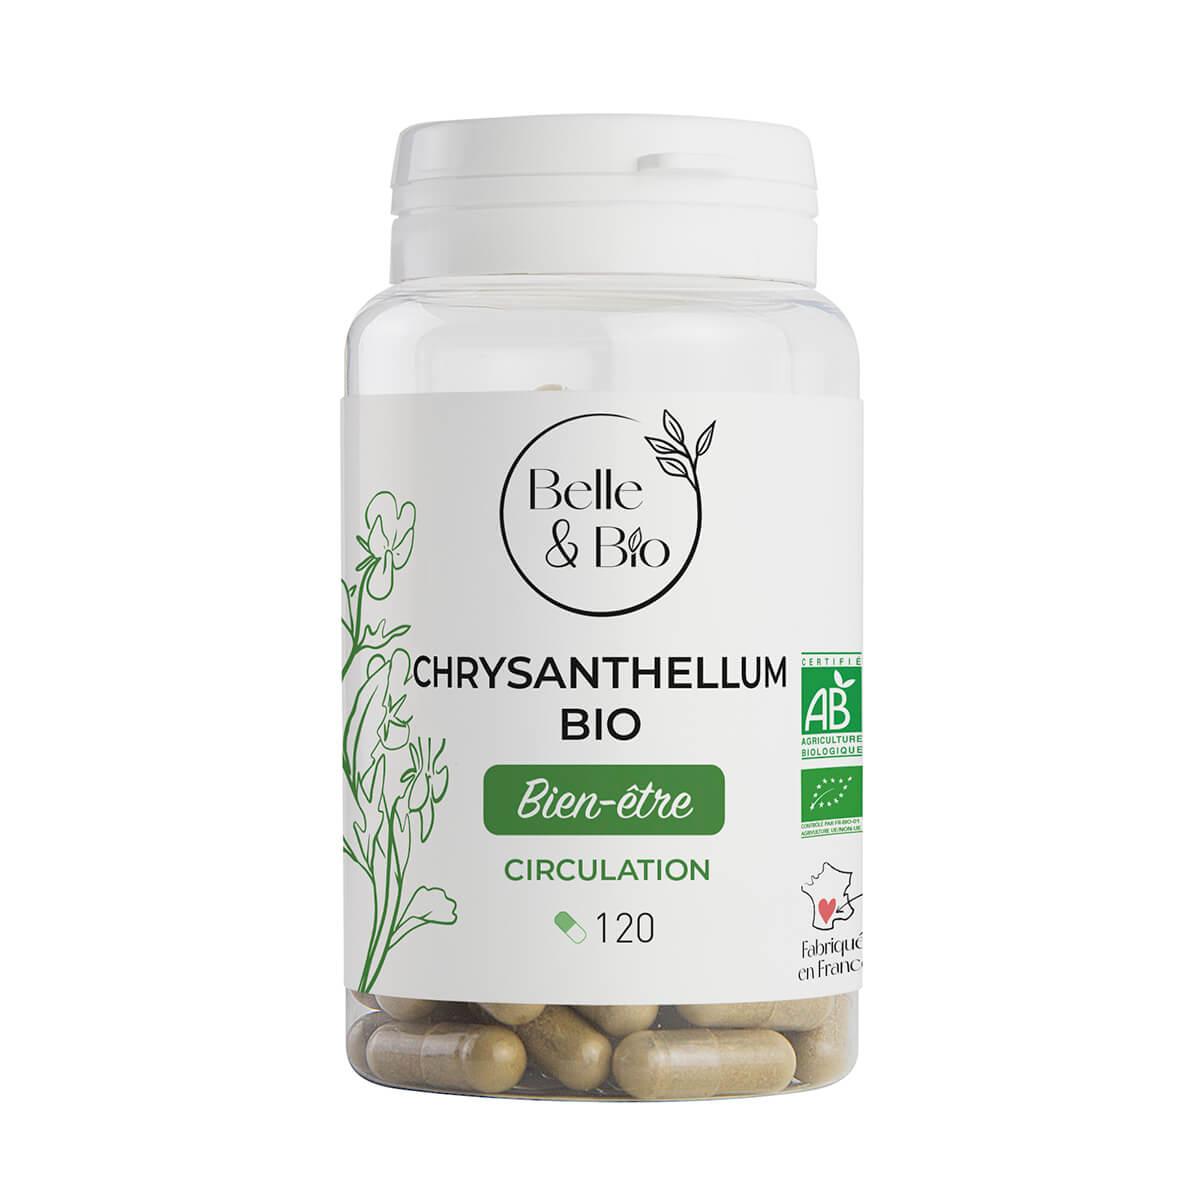 Belle & Bio - Chrysanthellum Bio - Dépuratif - 120 Gélules